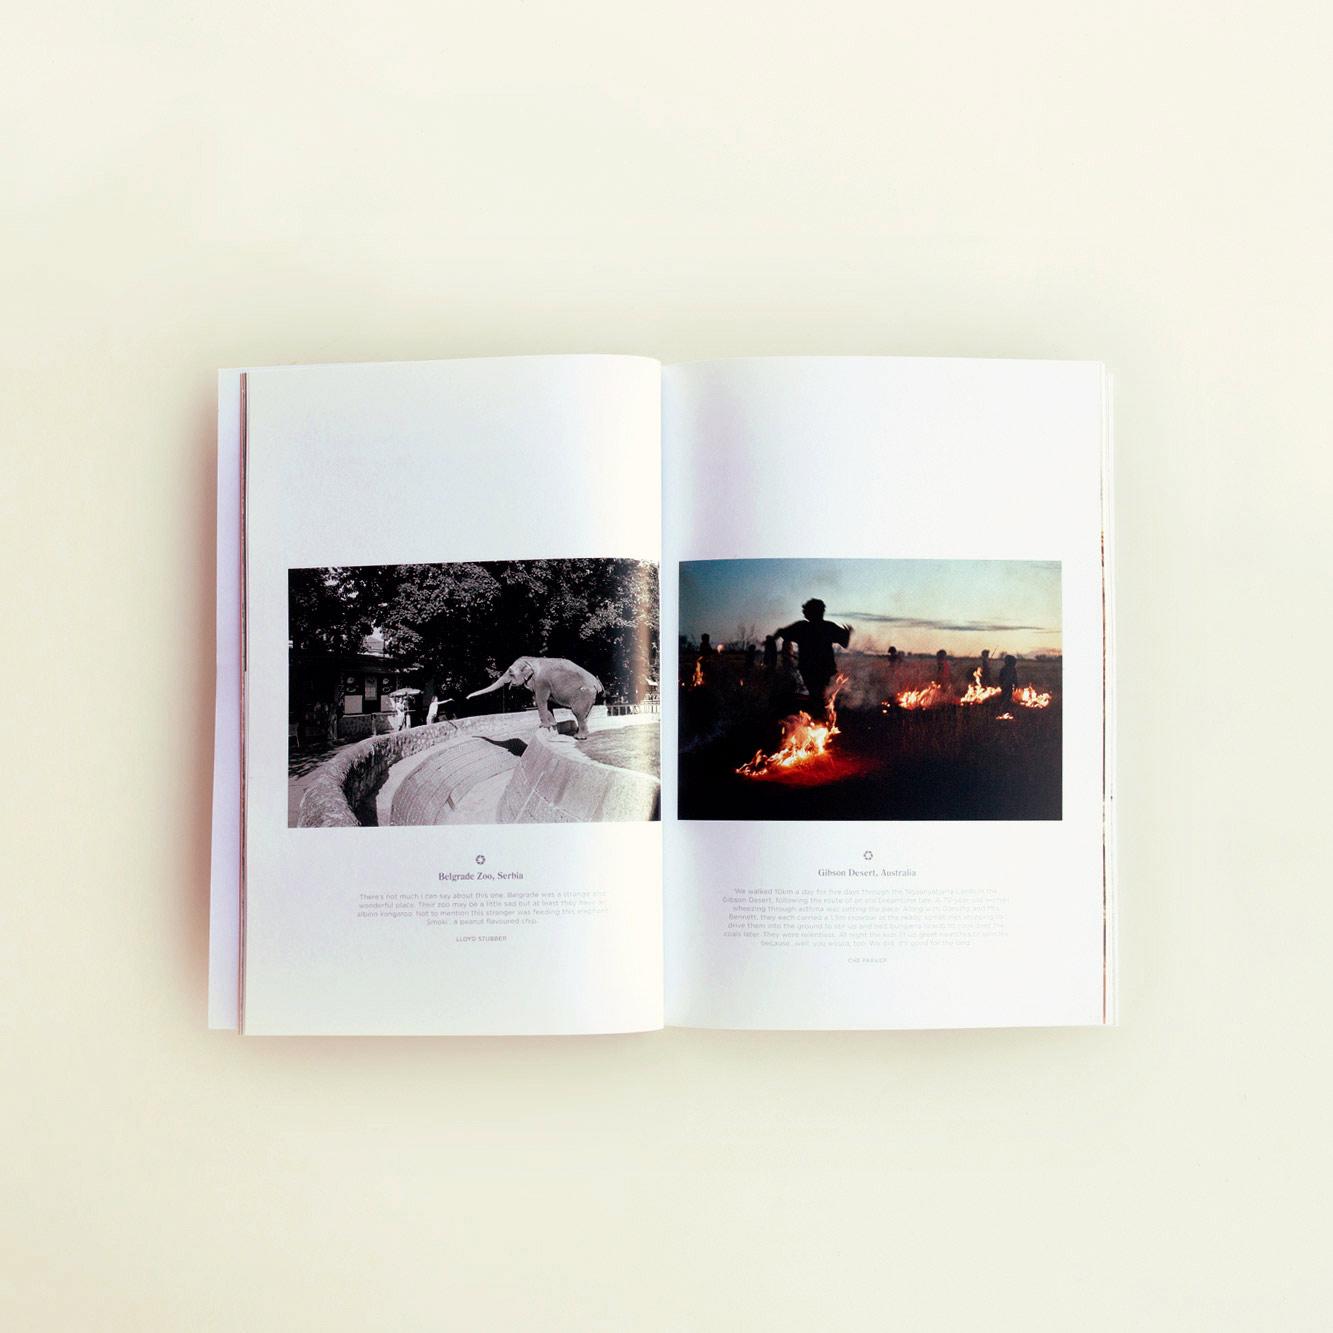 adventurehandbook-11